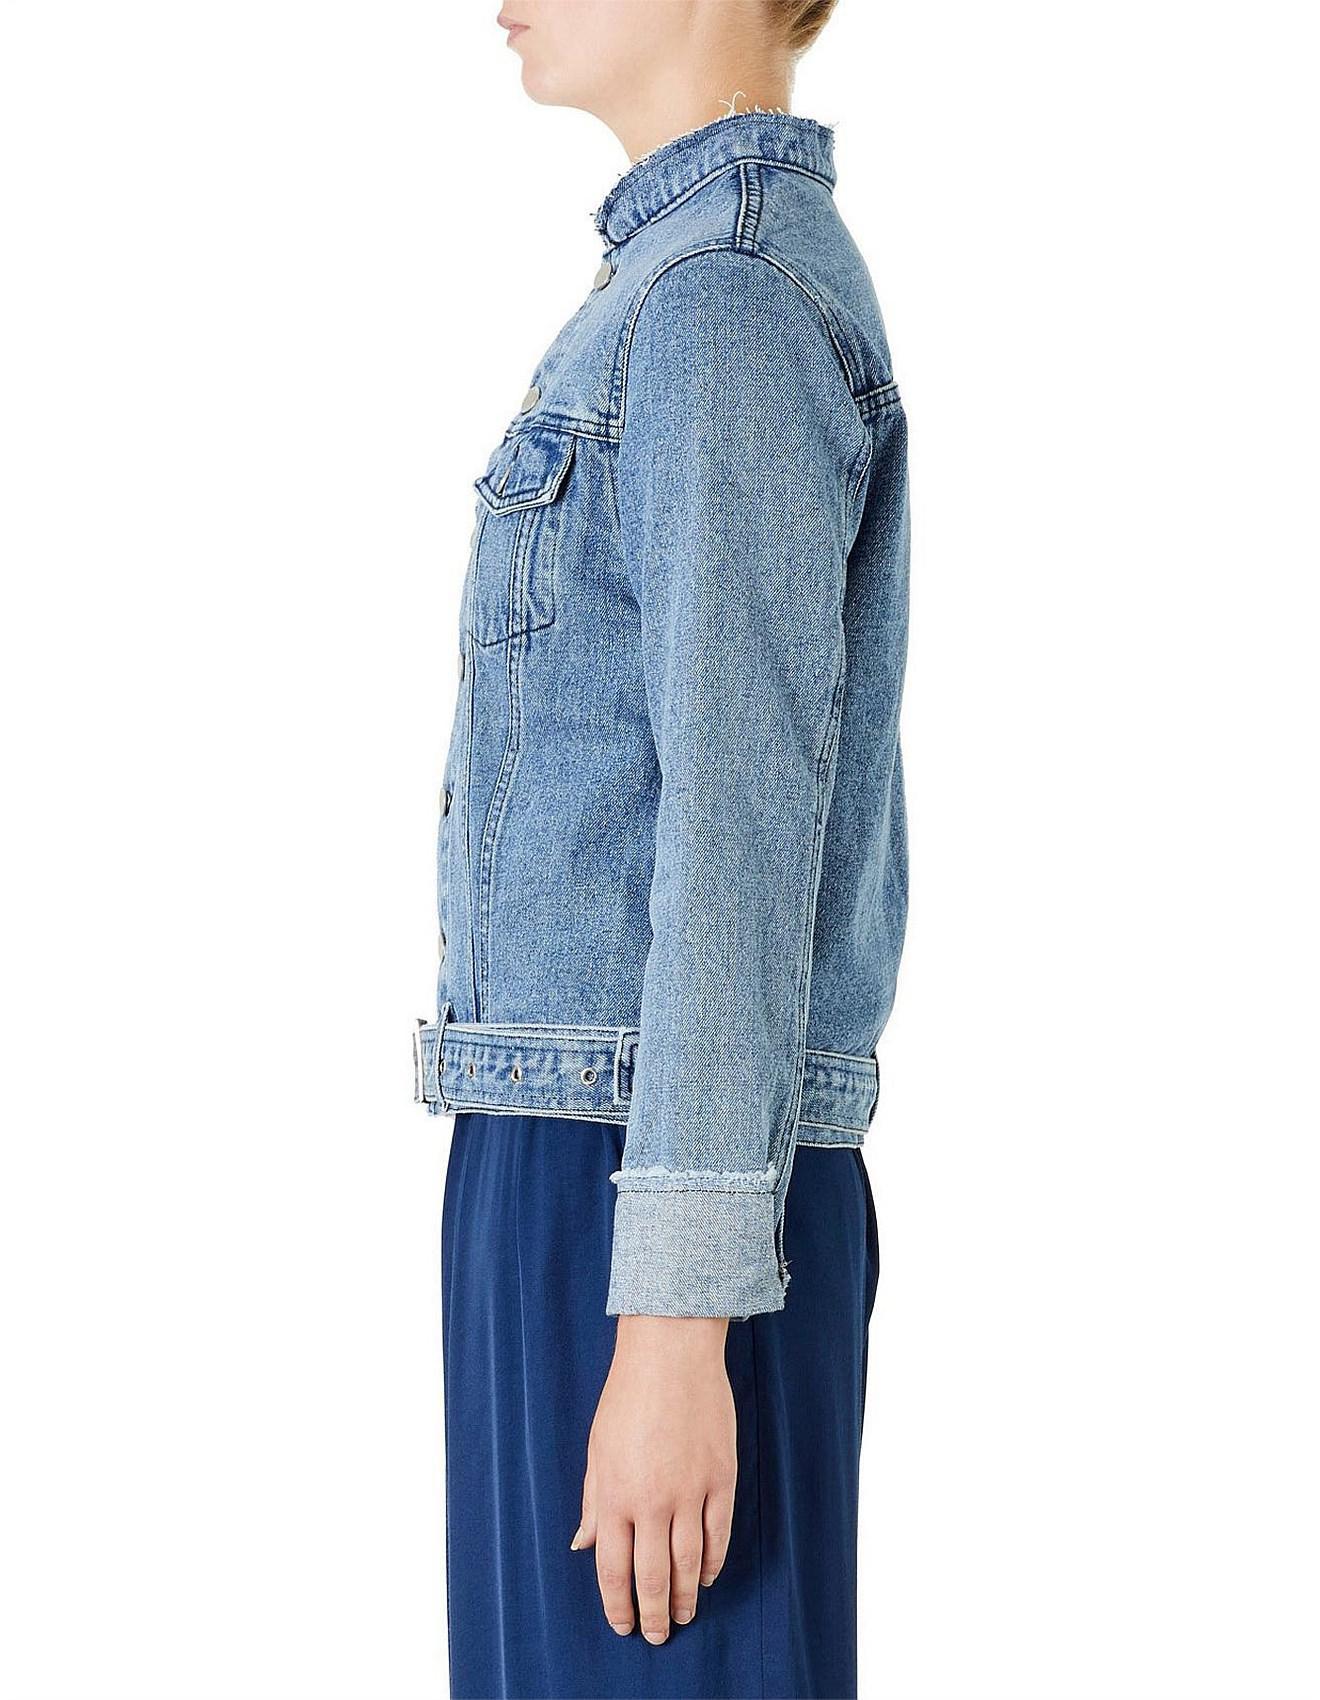 9a40e80cd59 Women's Blue Jester Jacket